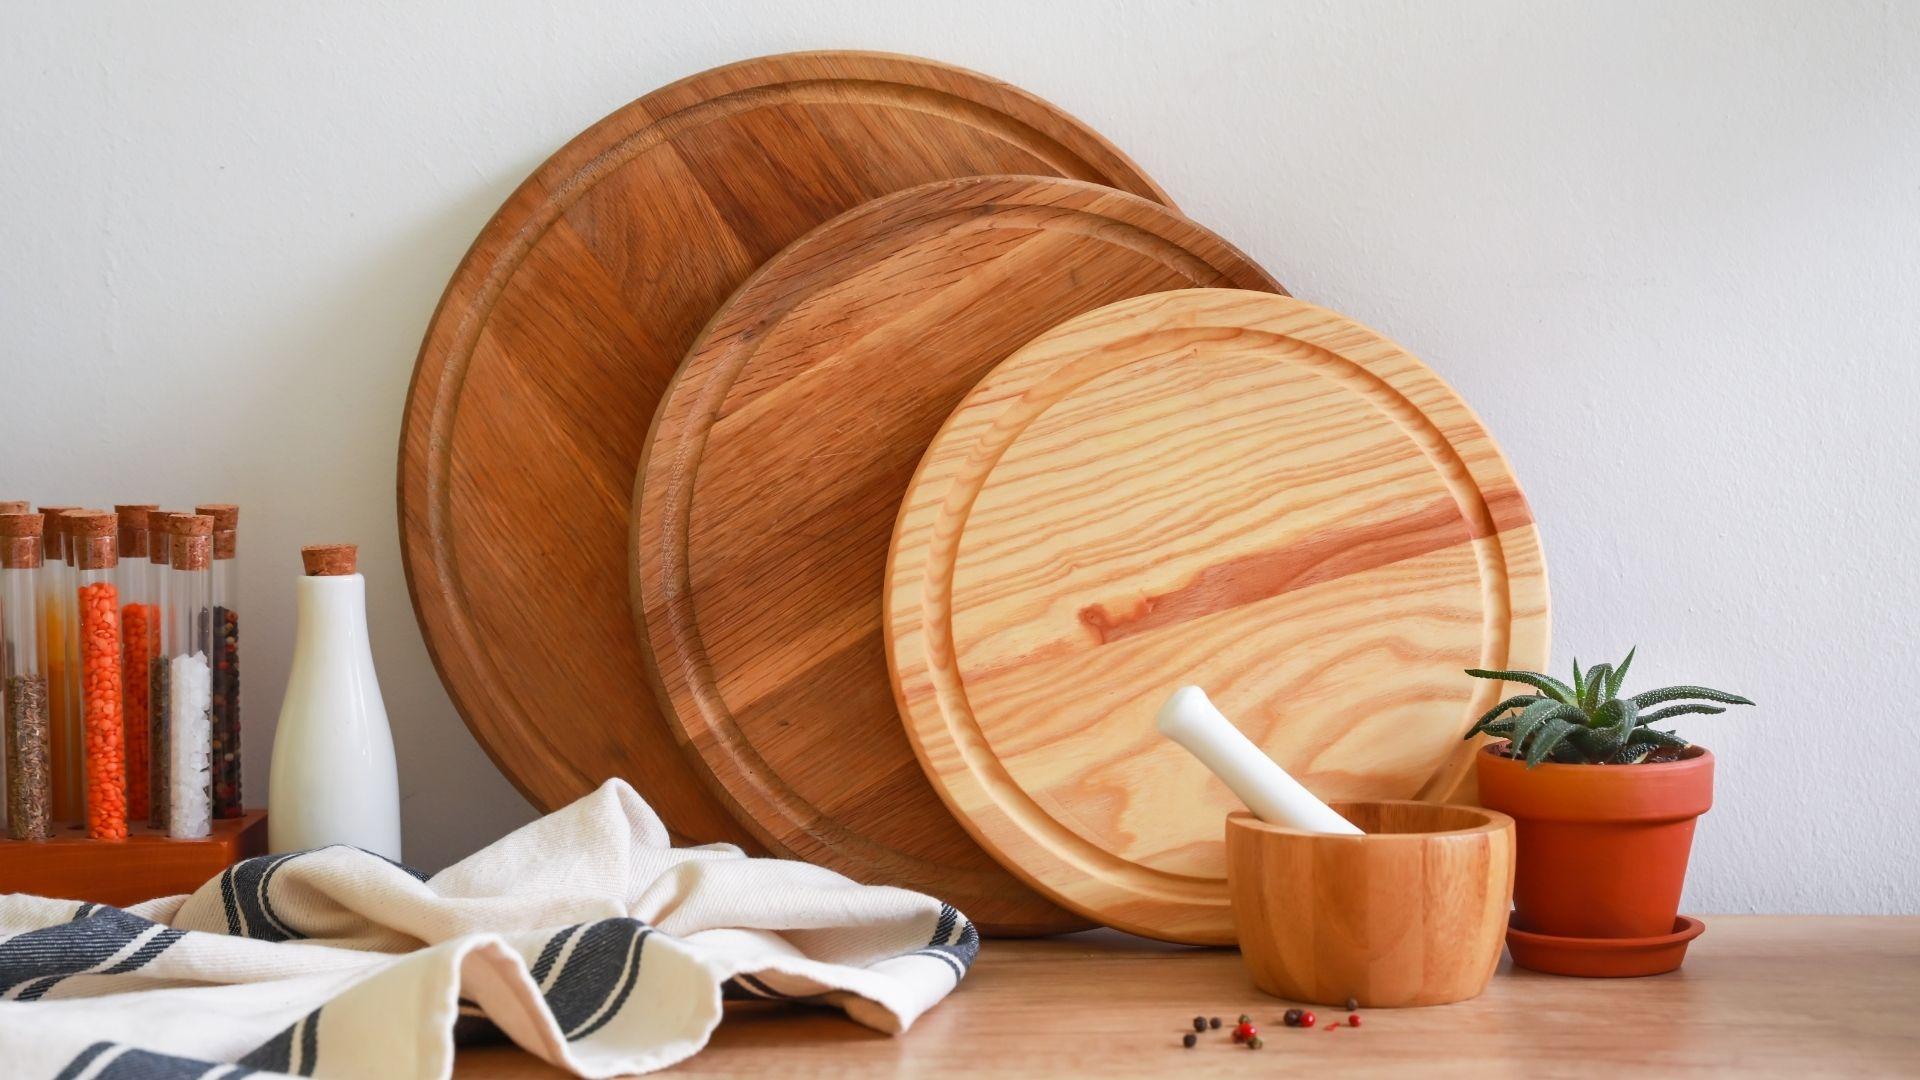 okrągłe deski drewniane do krojenia